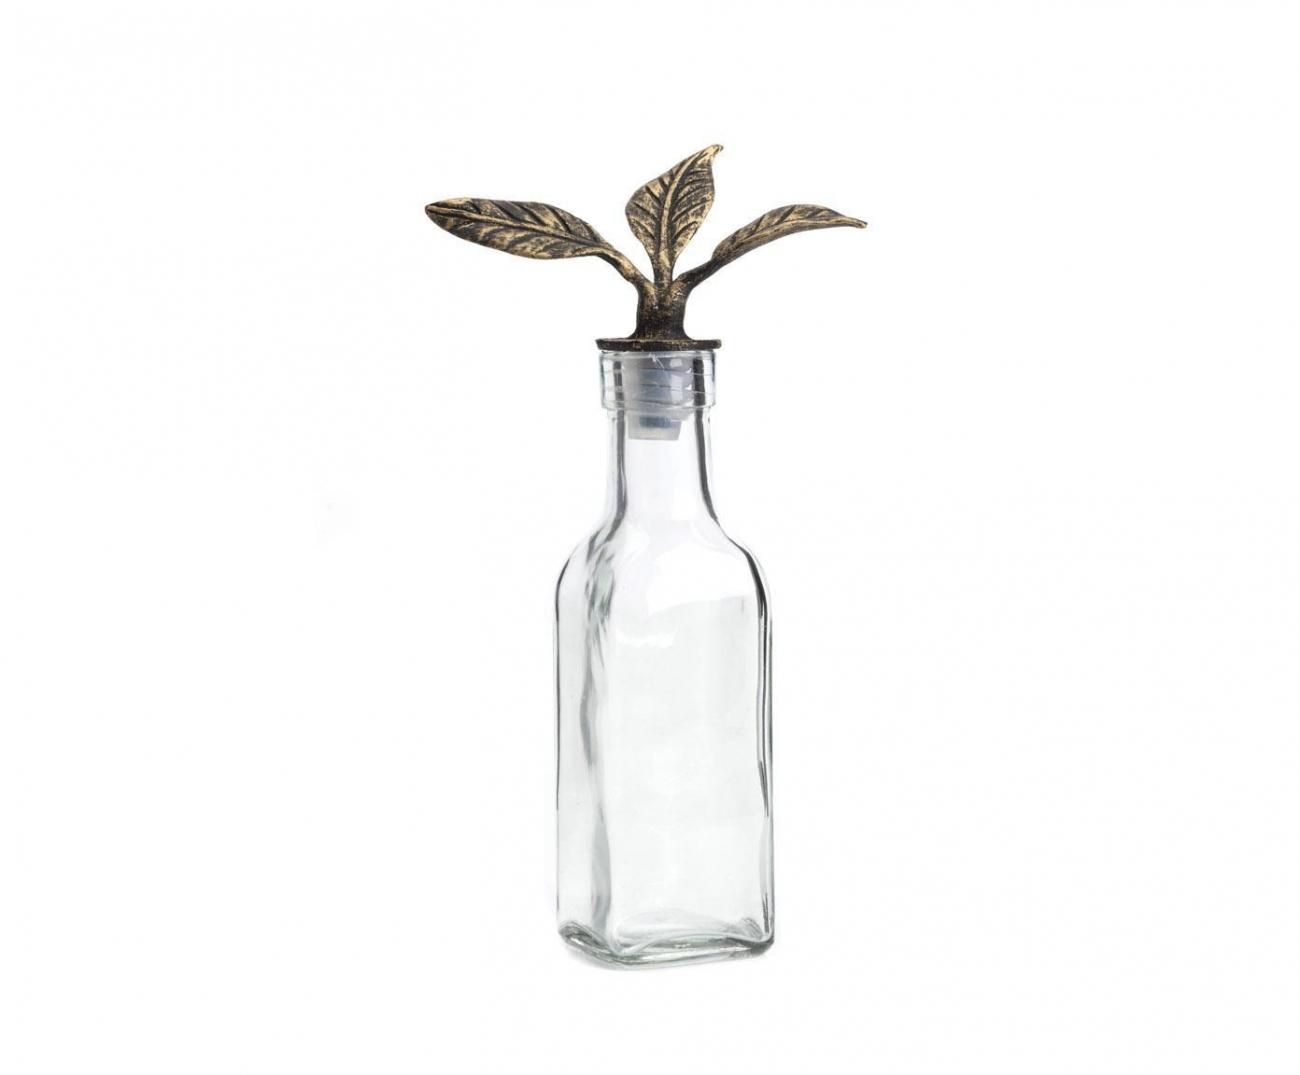 Купить Стеклянный флакон Plante Tendre в интернет магазине дизайнерской мебели и аксессуаров для дома и дачи